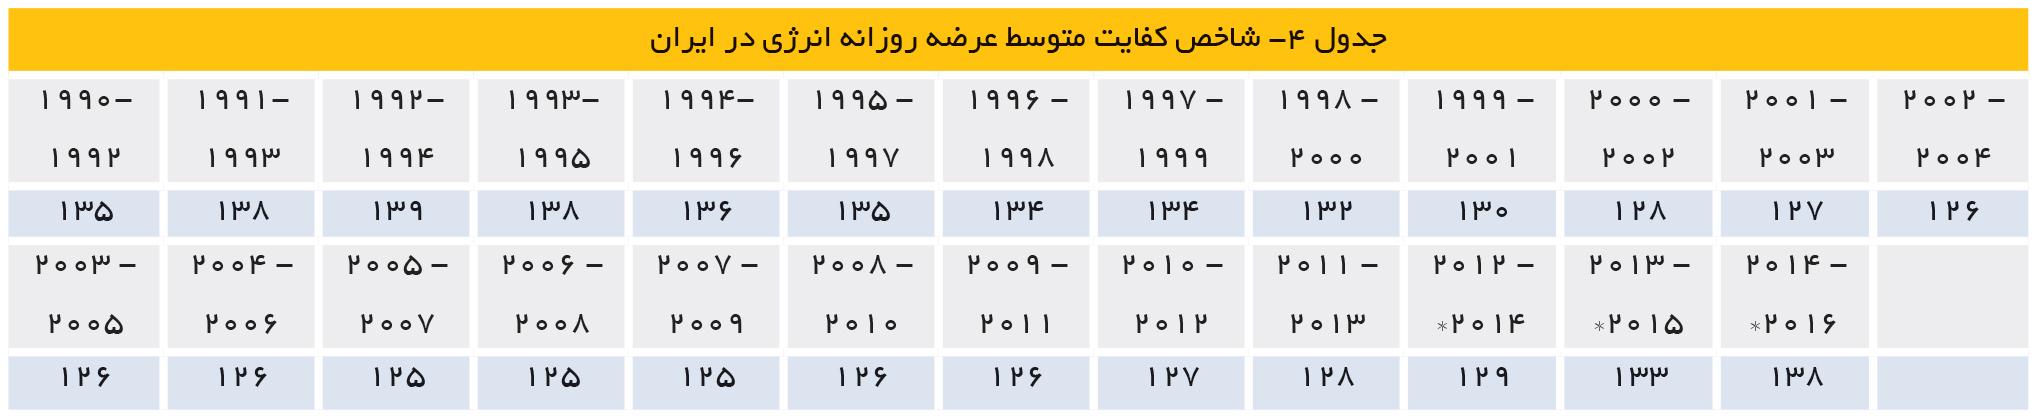 تجارت- فردا- شاخص کفایت متوسط عرضه روزانه انرژی در ایران